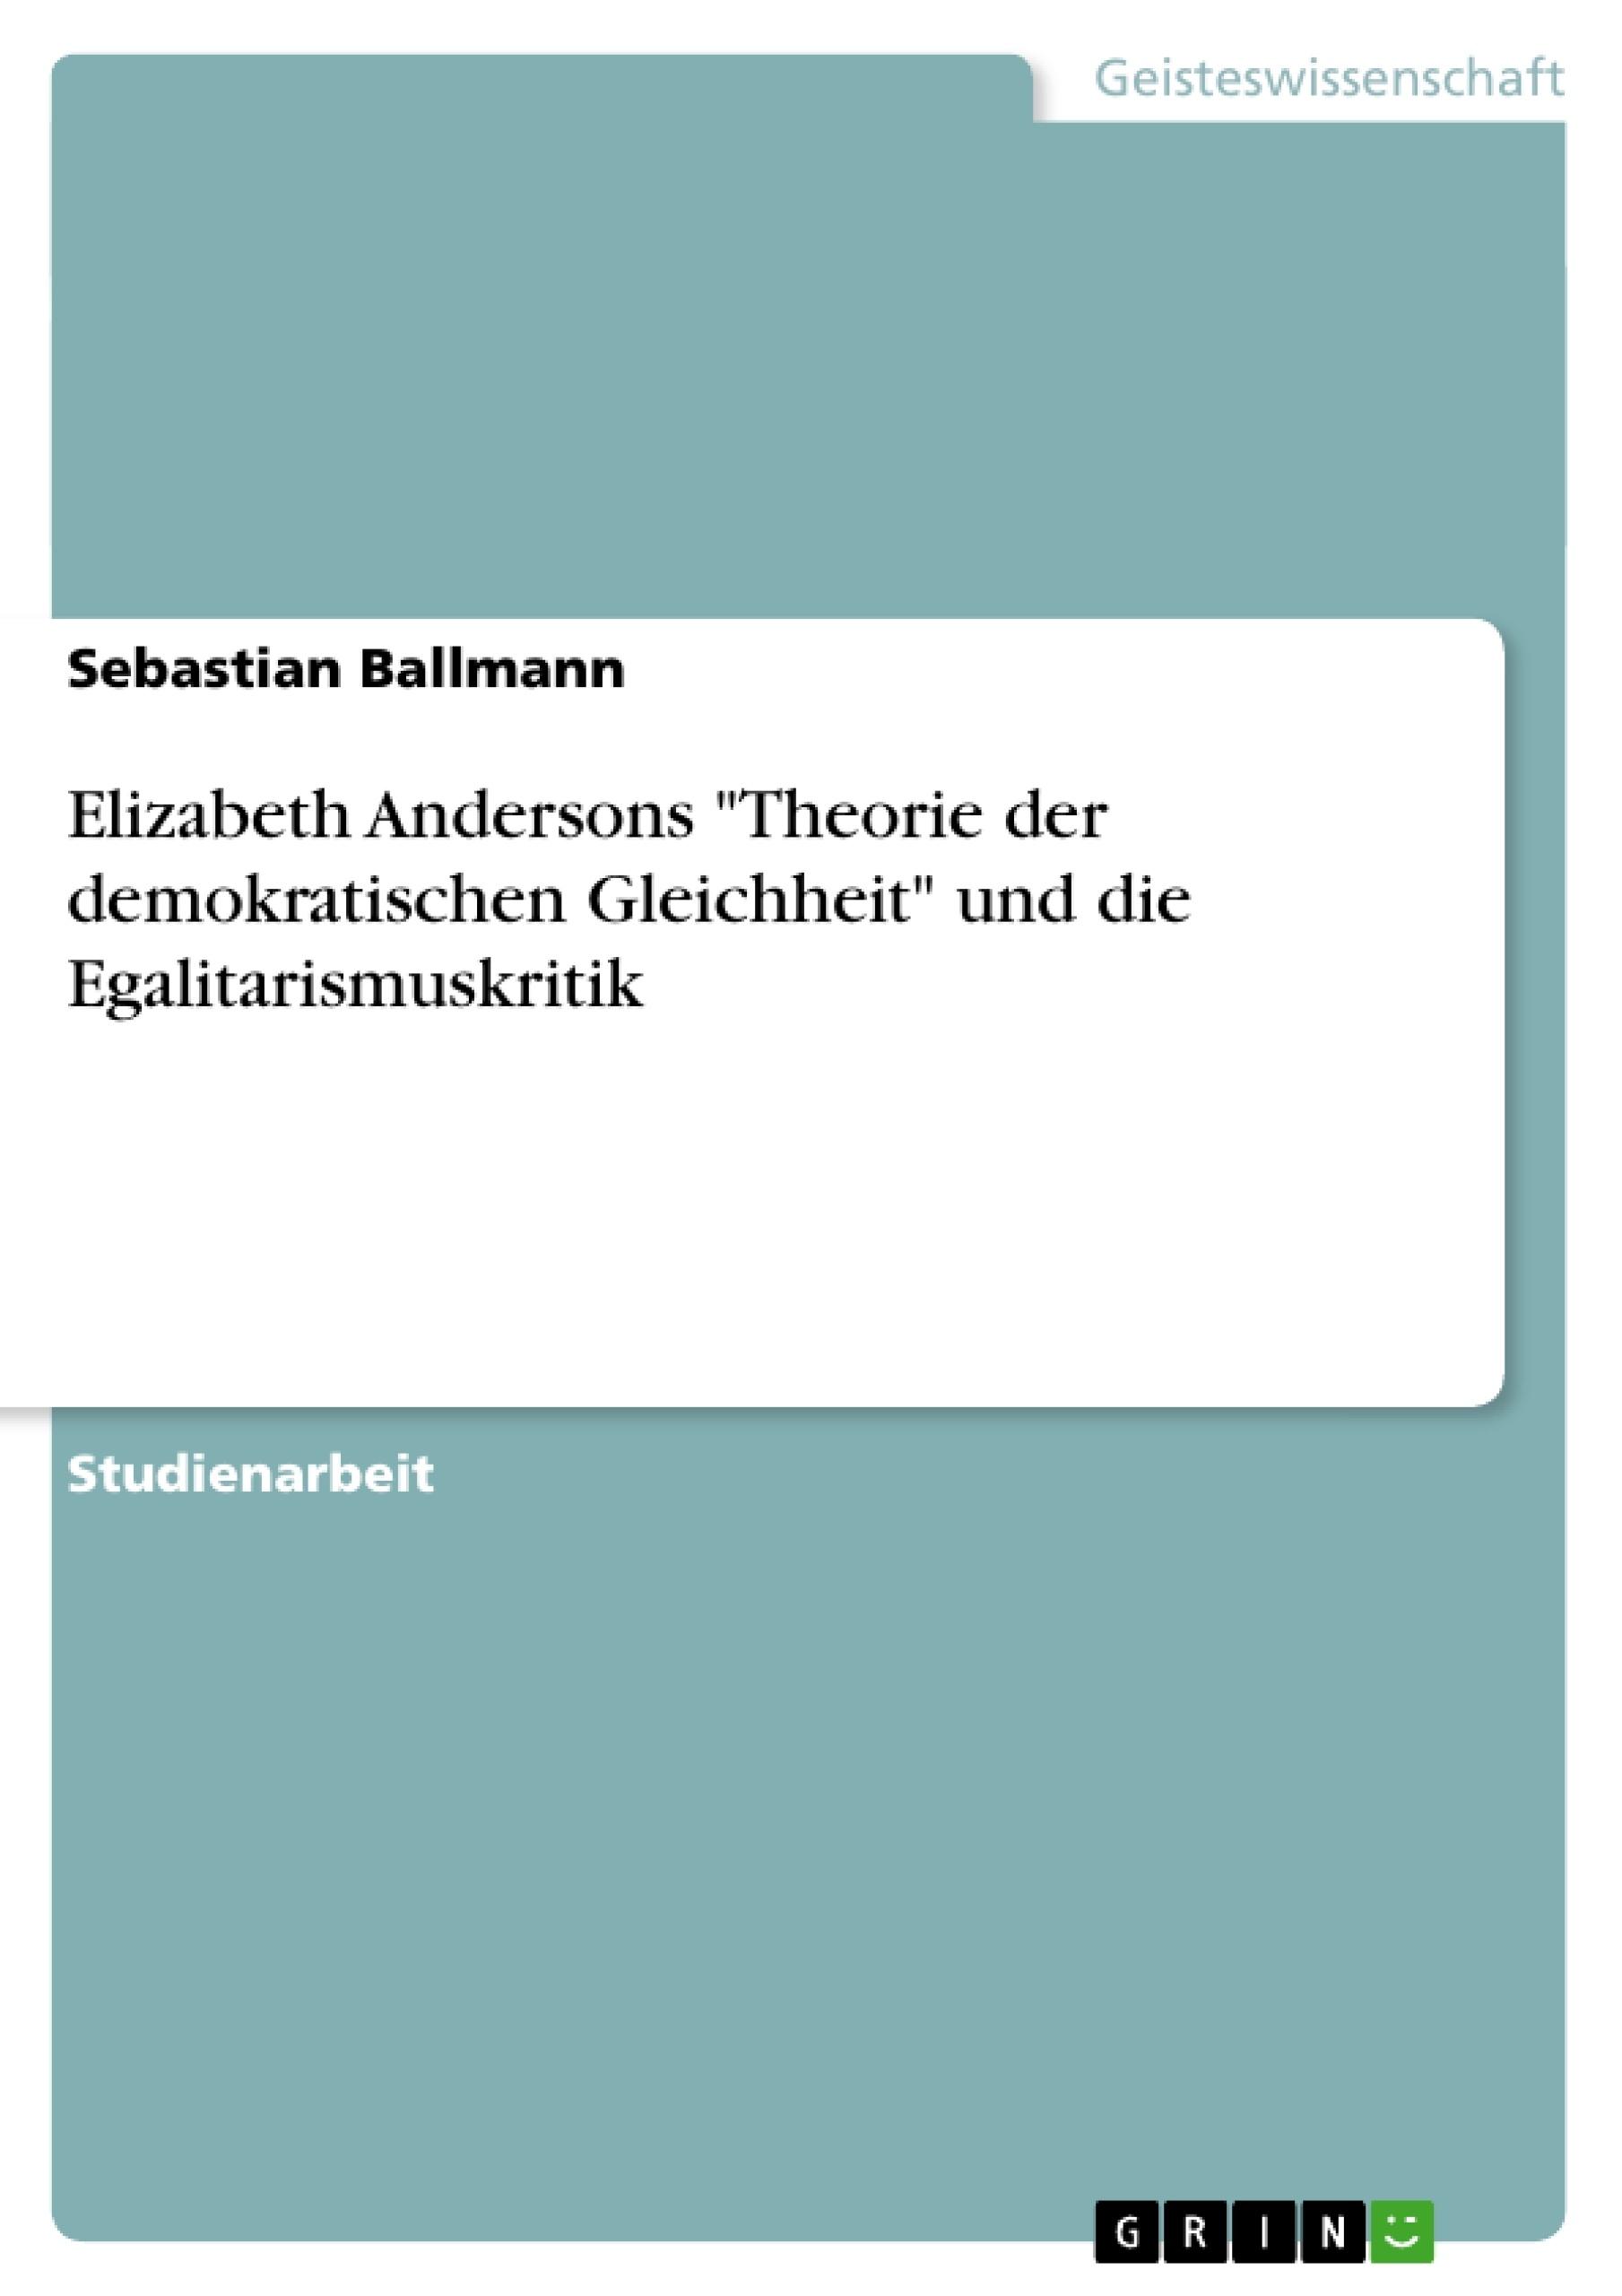 """Titel: Elizabeth Andersons """"Theorie der demokratischen Gleichheit"""" und die Egalitarismuskritik"""